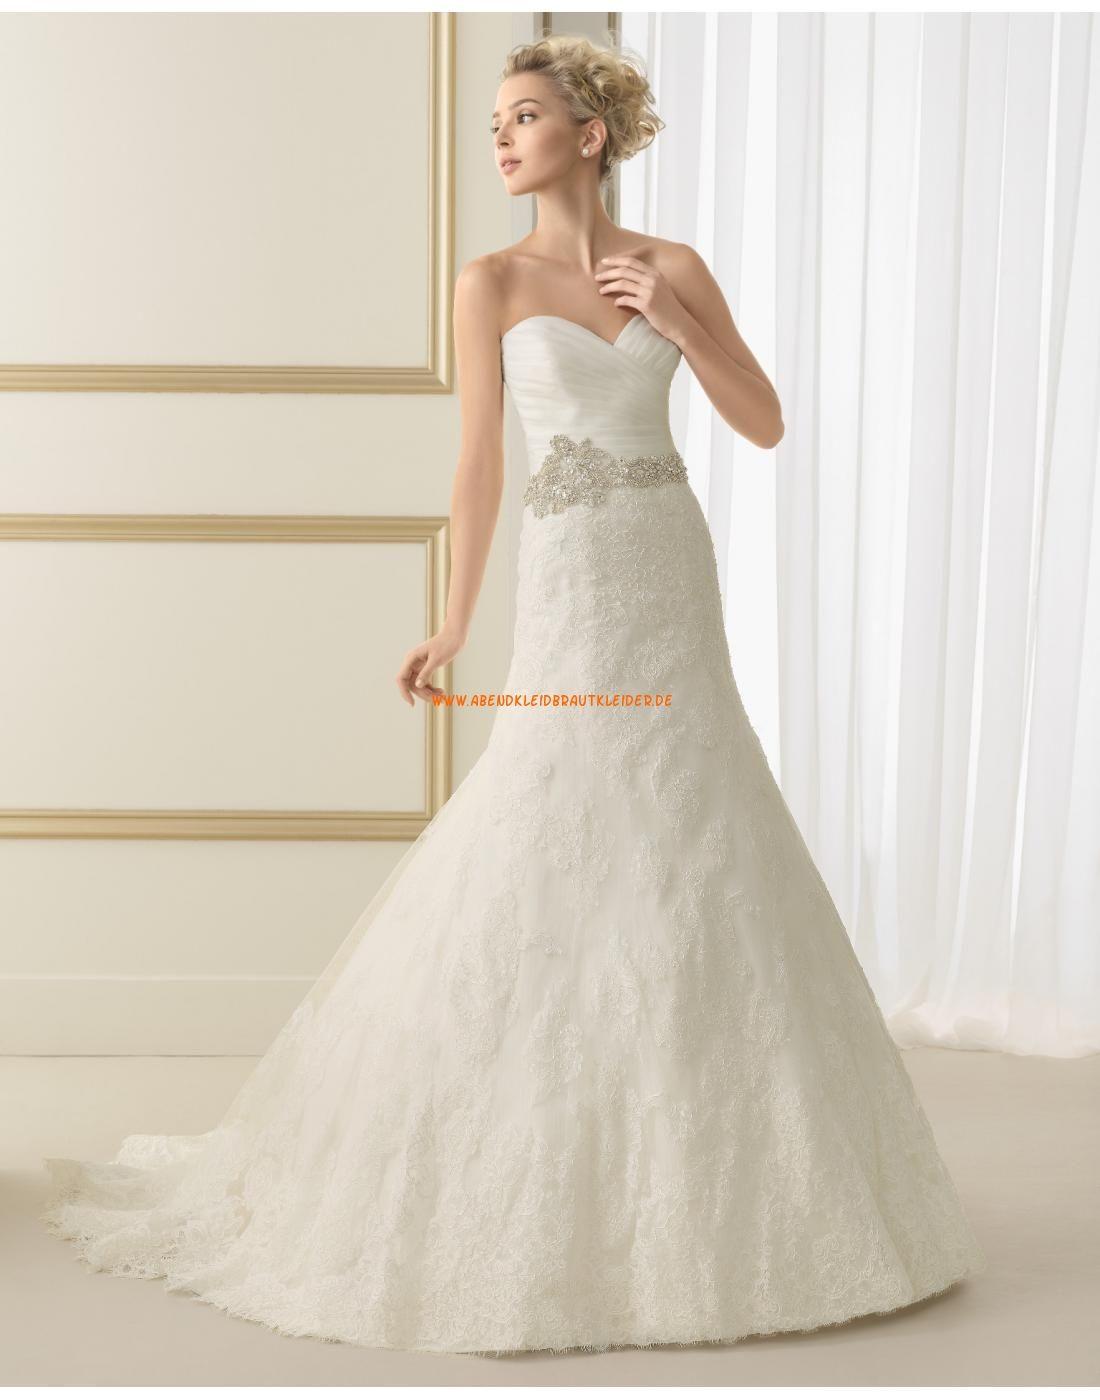 Elegante A-linie Hochzeitskleider aus Spitze mit 3/4 lange Ärmel 167 ...